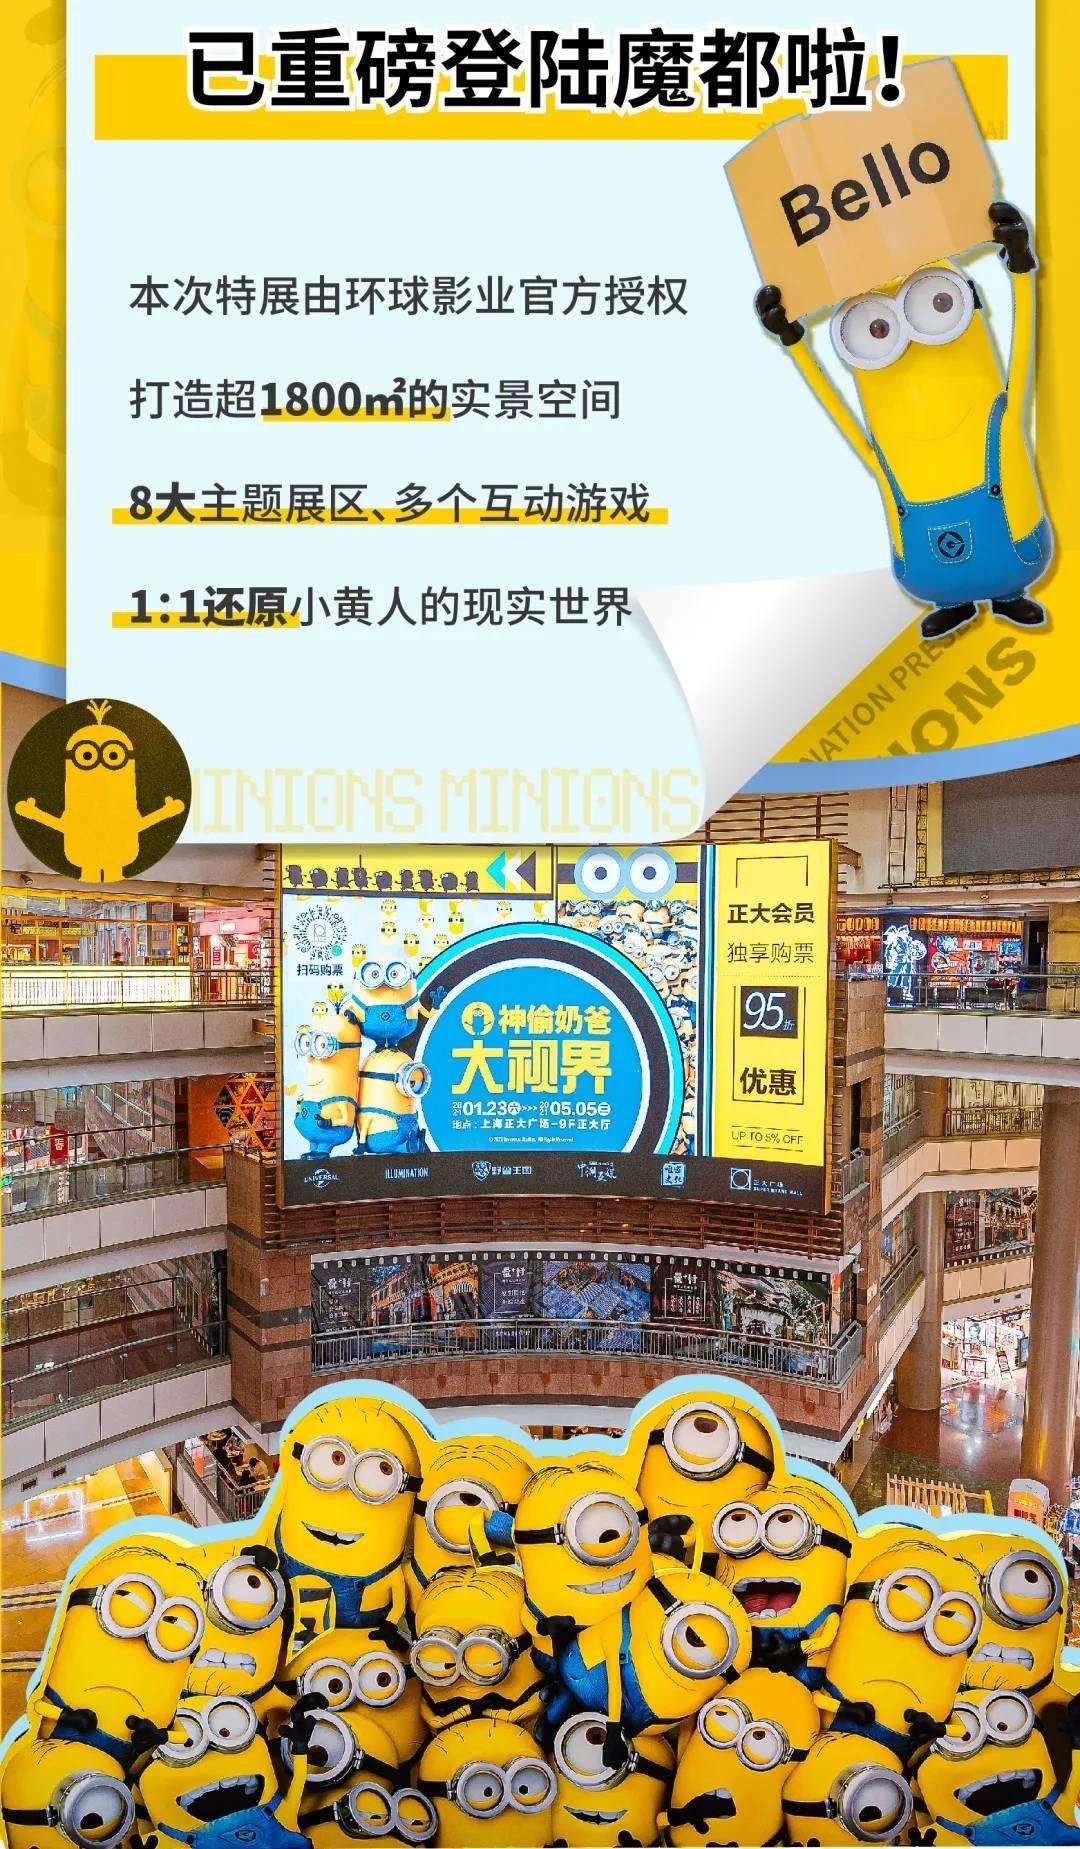 【上海】仅¥58抢购神偷奶爸大视界特展-特惠单人票!还能参加两人同行一人免费活动!!!